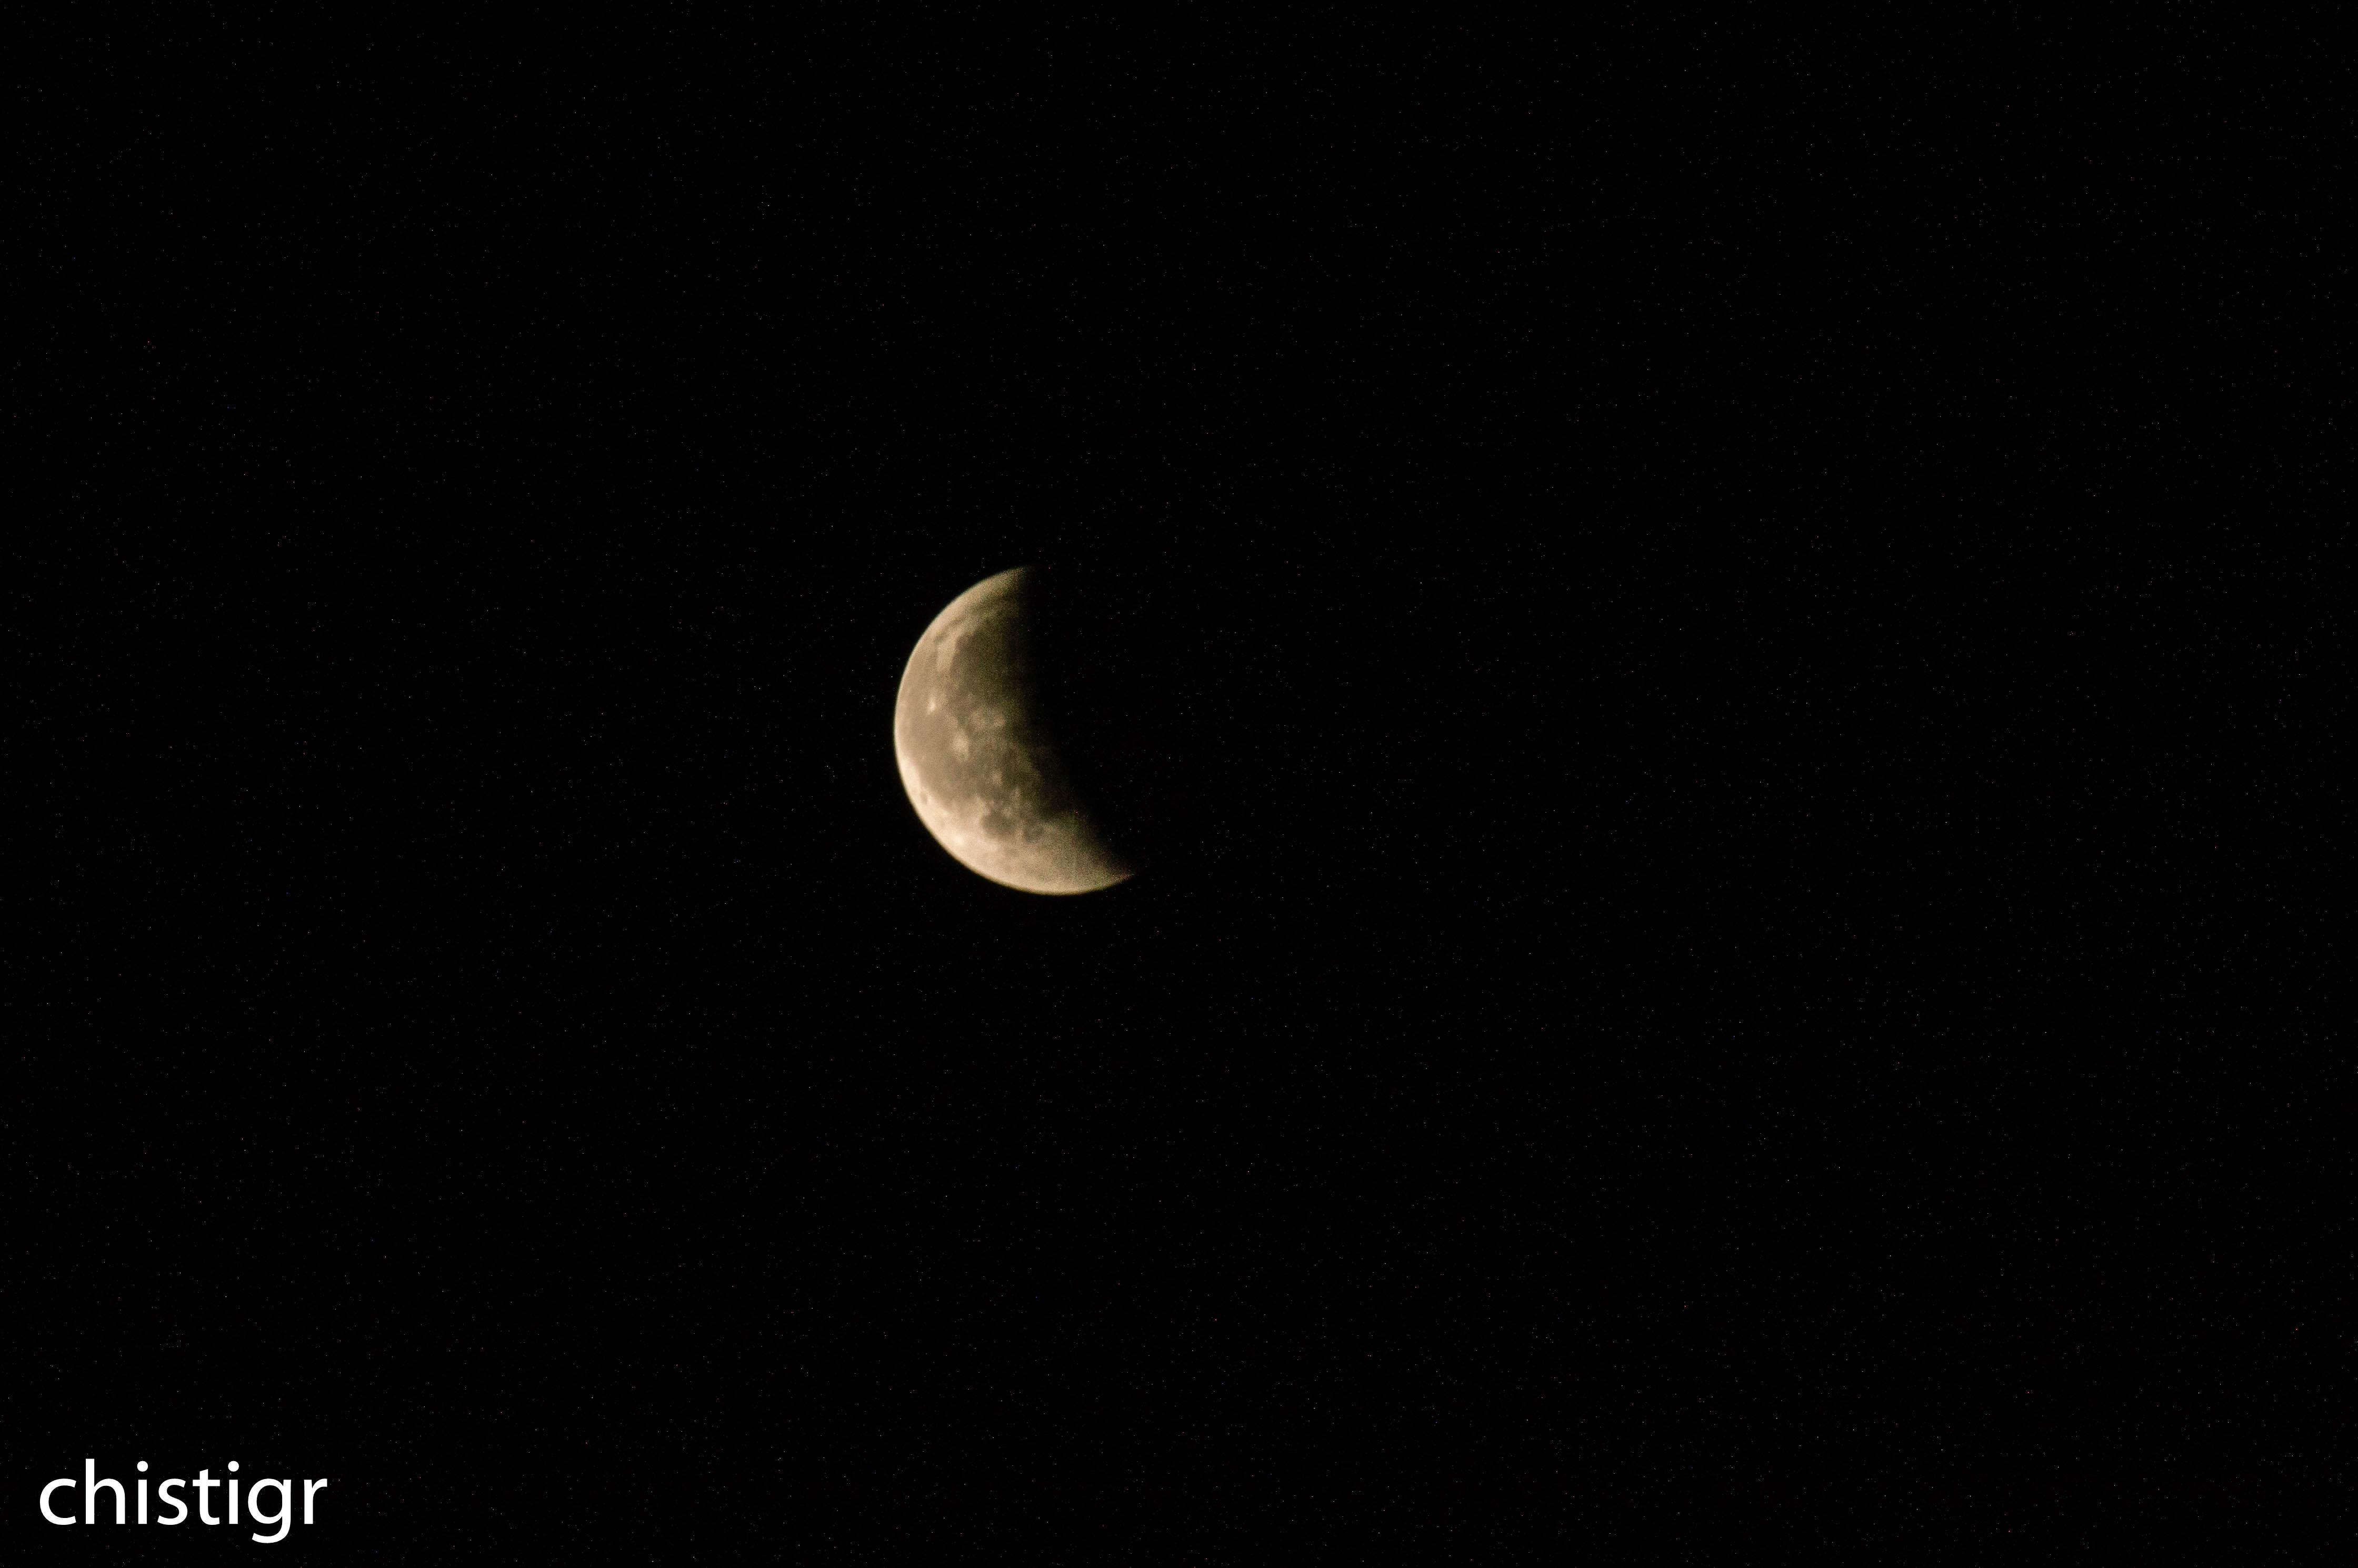 Gambar Spasi Bulan Sabit Objek Astronomi Suasana Langit